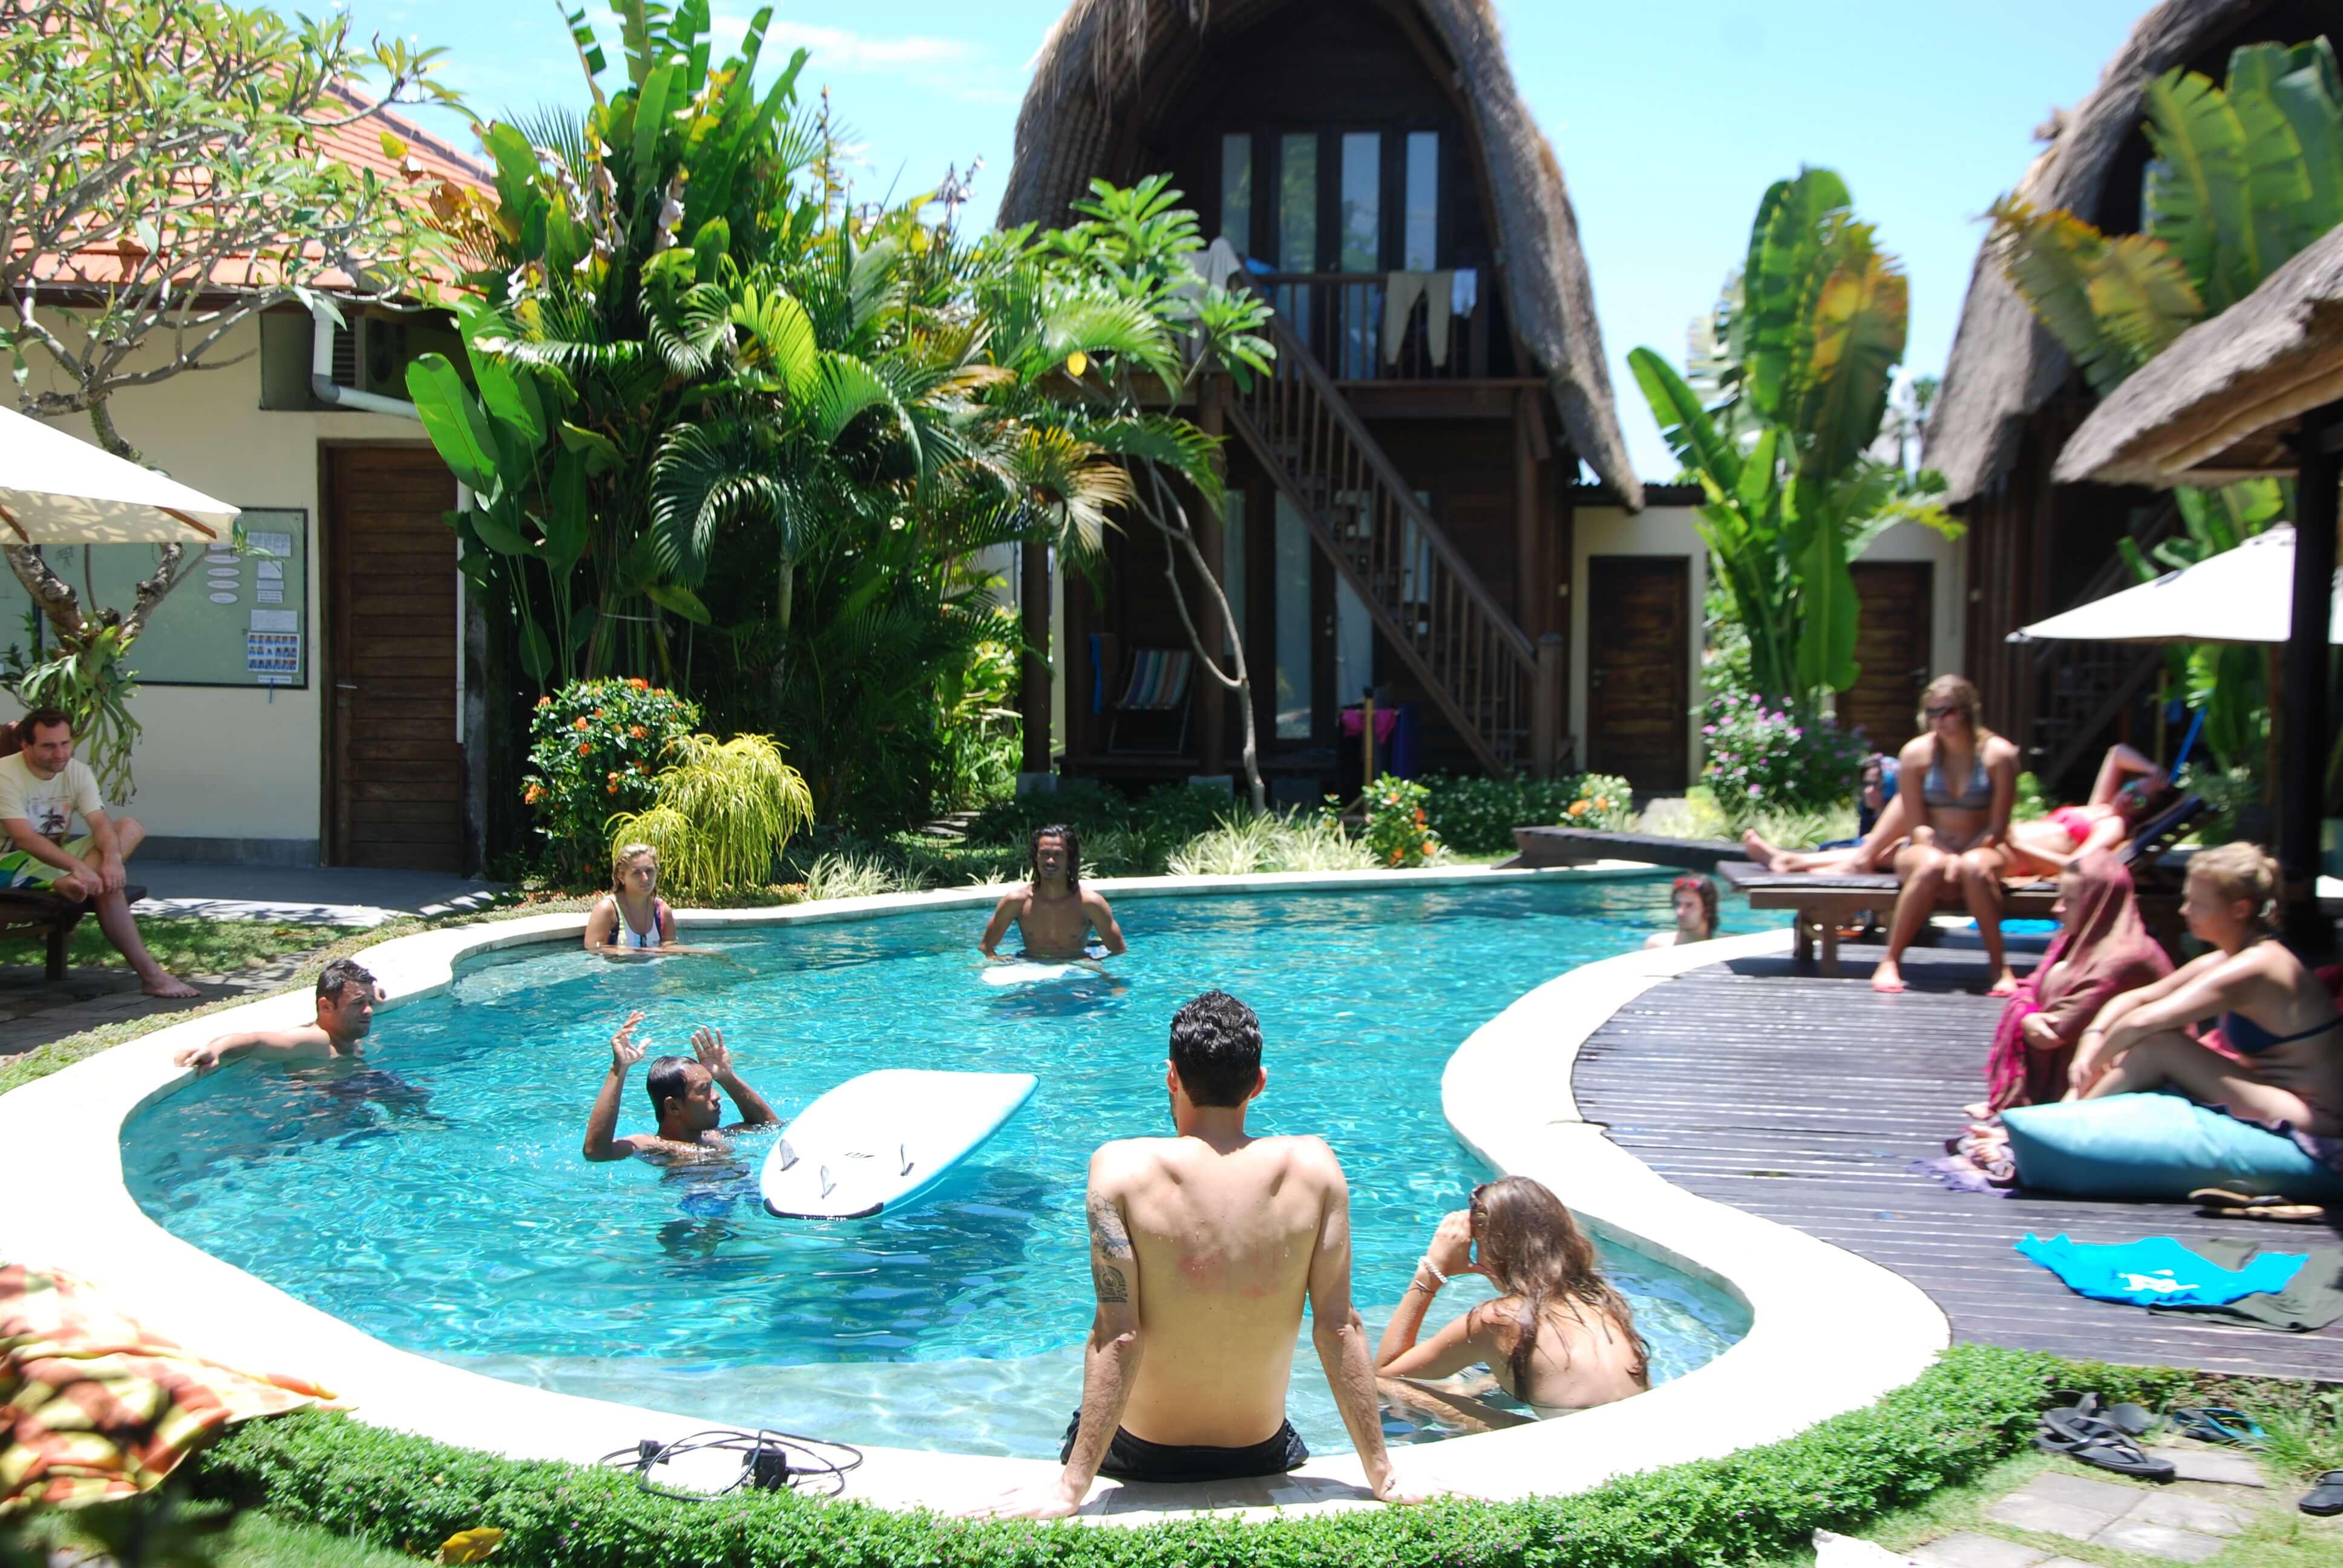 Campside pool SurfWG surfcamp